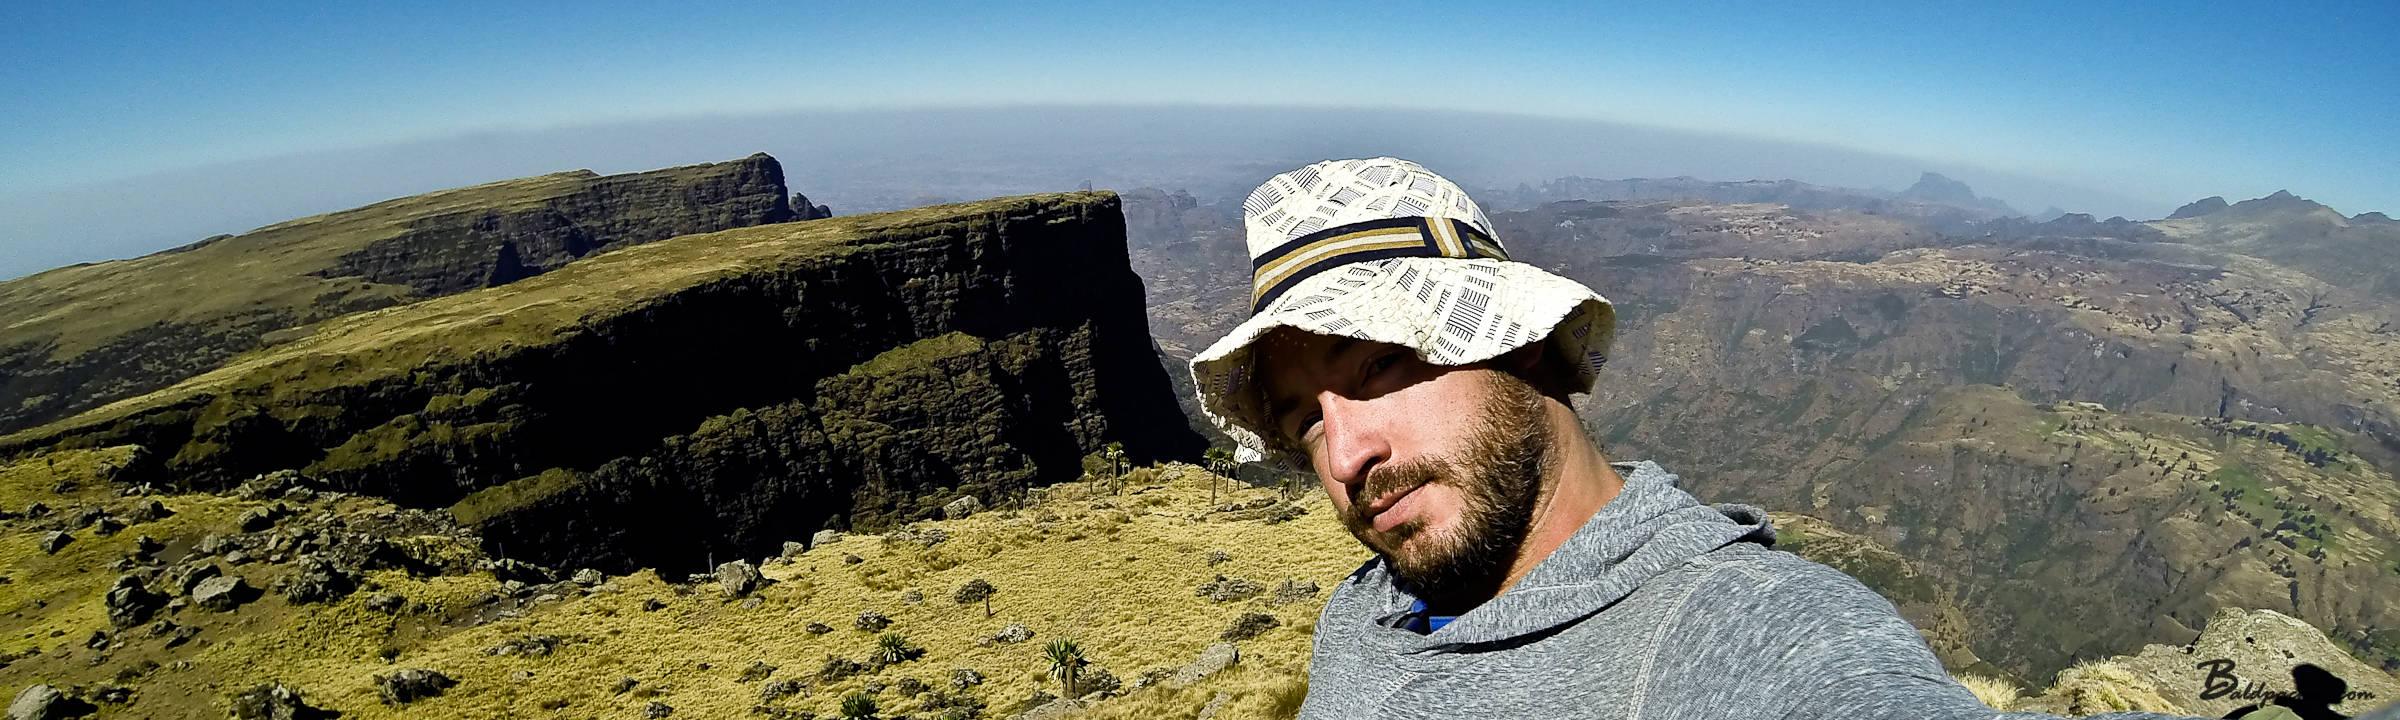 Ethiopia: Summiting the Simien Mountains Day 3 – Chenek to Gondar